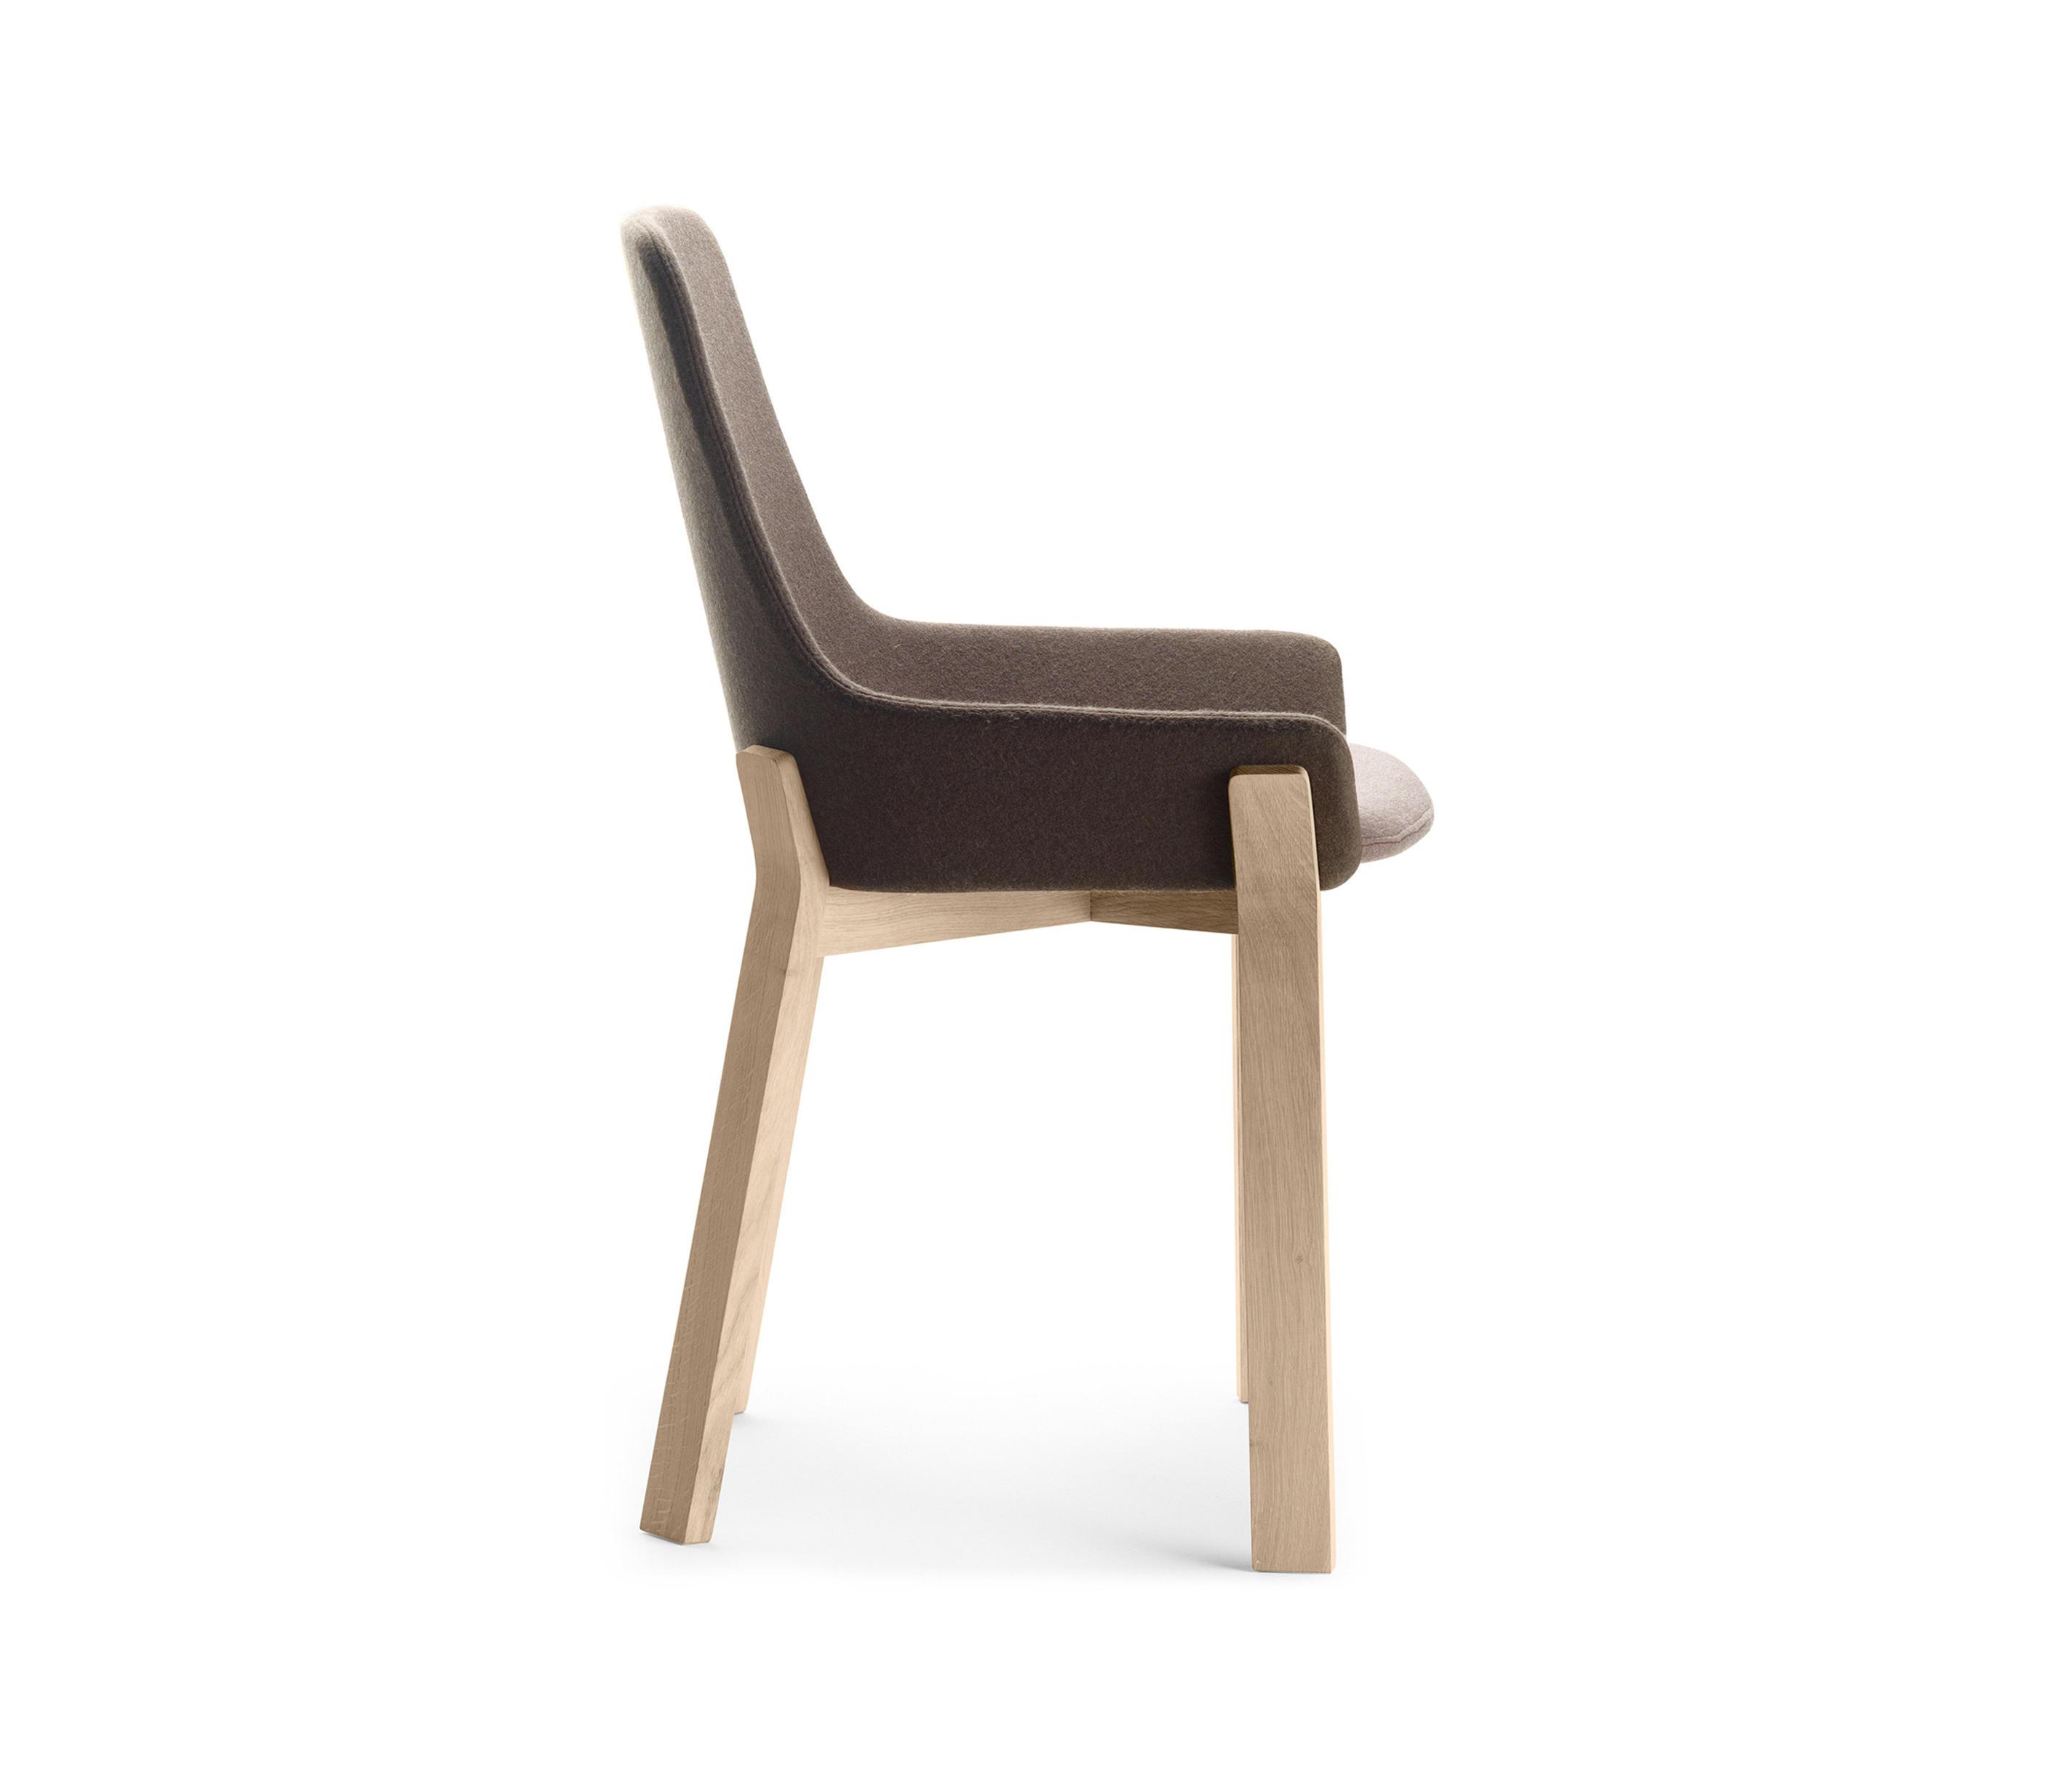 koila chair chaises de restaurant de alki architonic. Black Bedroom Furniture Sets. Home Design Ideas